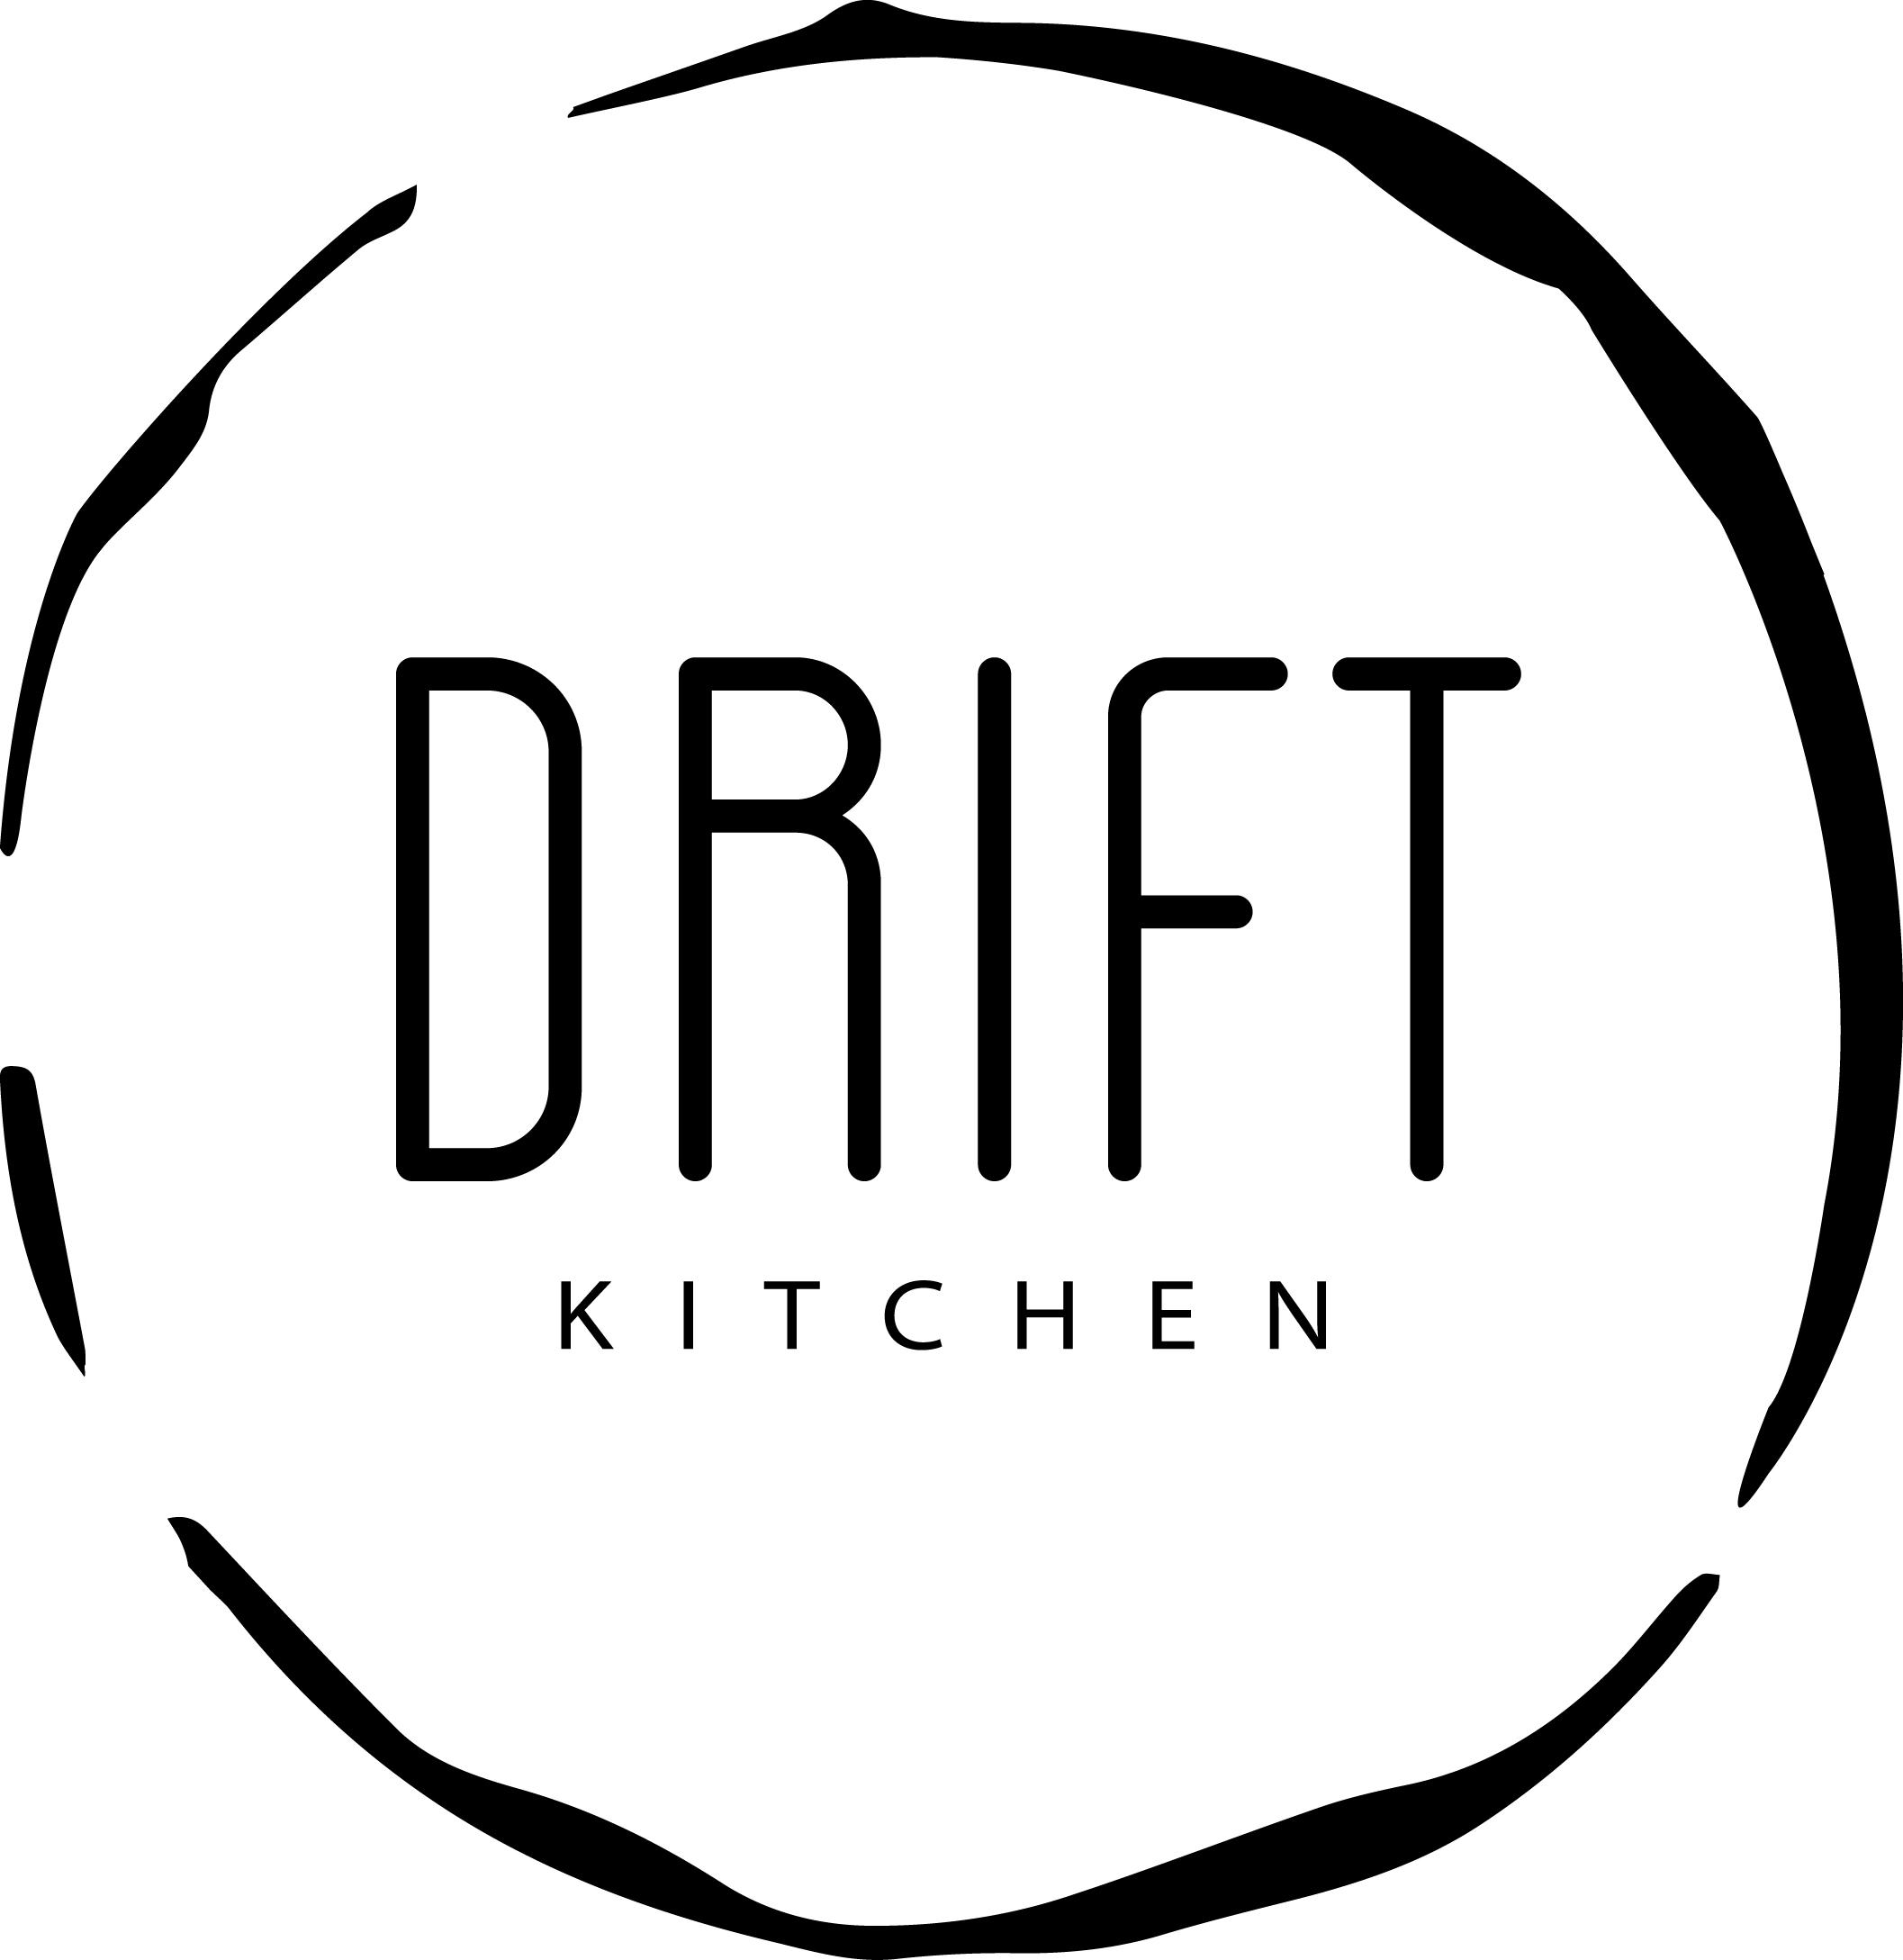 Restaurant scarborough drift kitchen